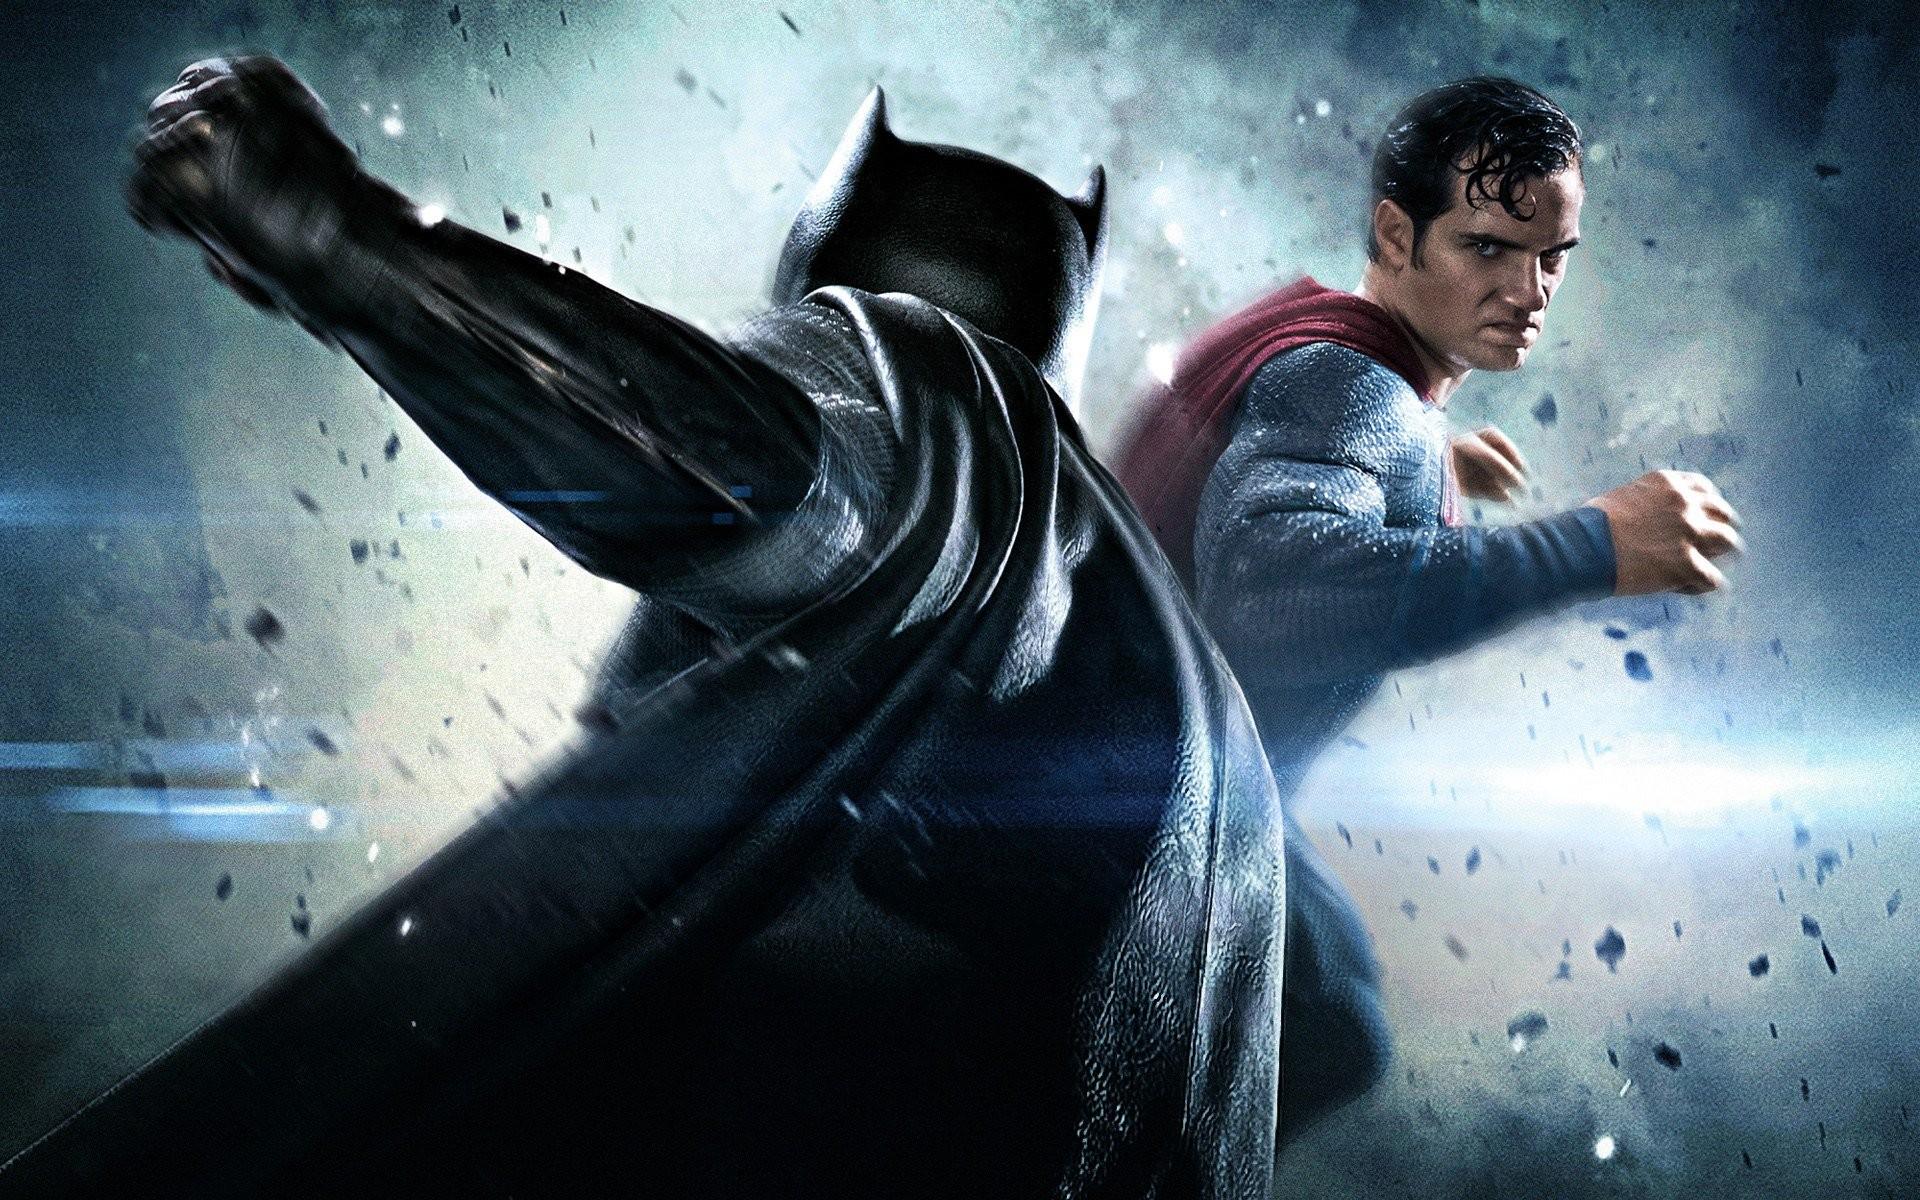 Wallpaper : movies, Batman v Superman Dawn of Justice ...